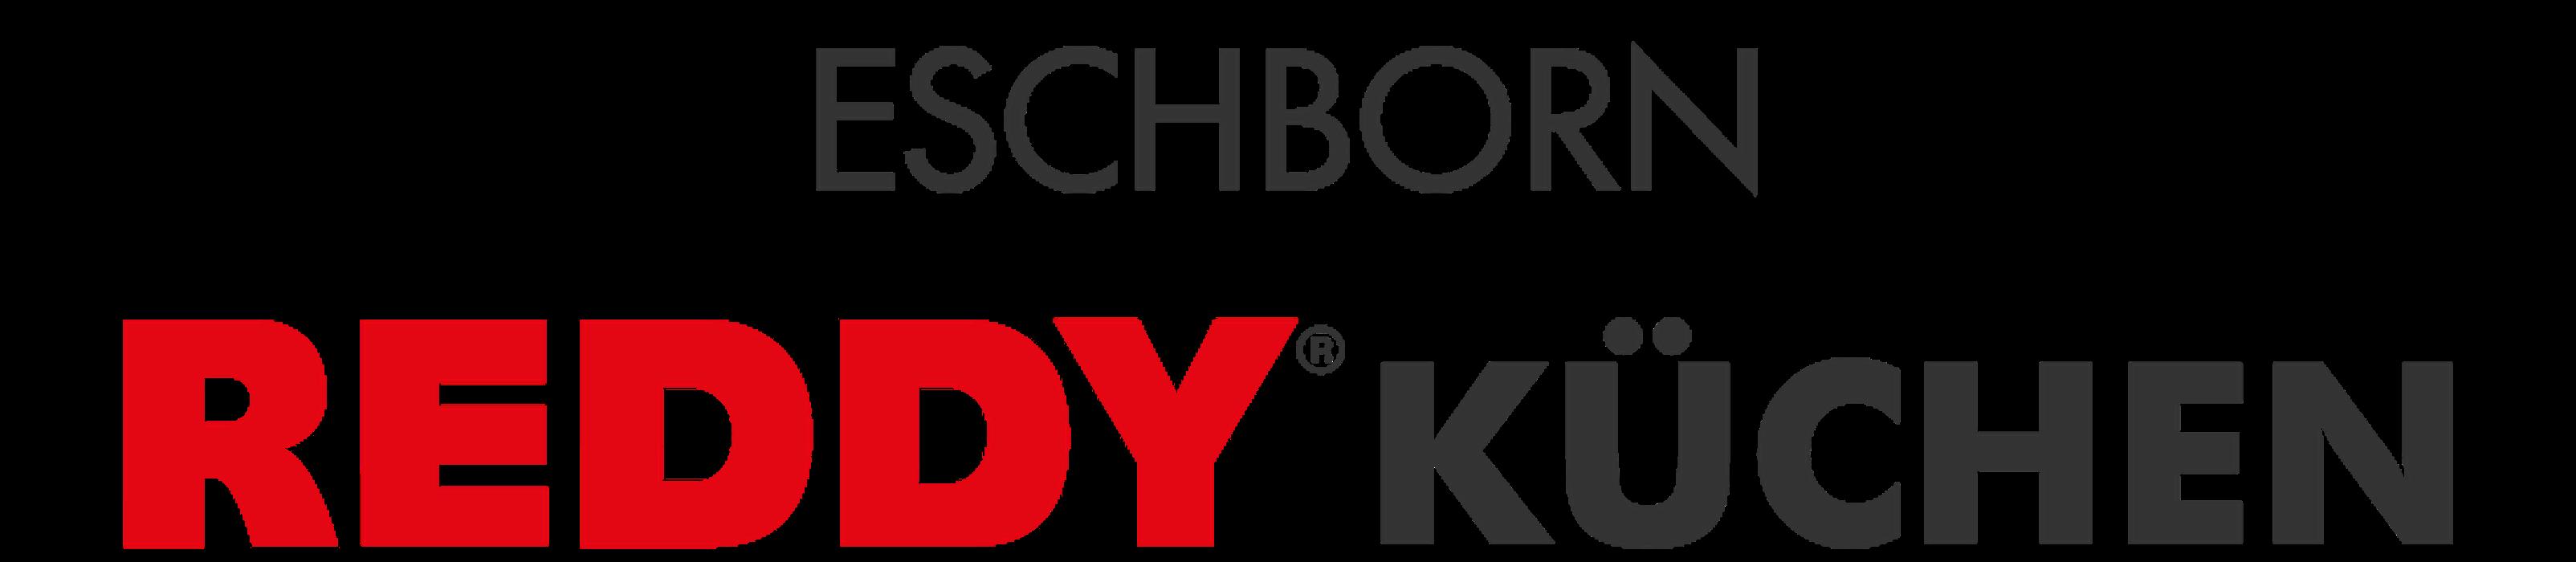 Reddy Kuchen Eschborn Eschborn Ginnheimer Strasse 6